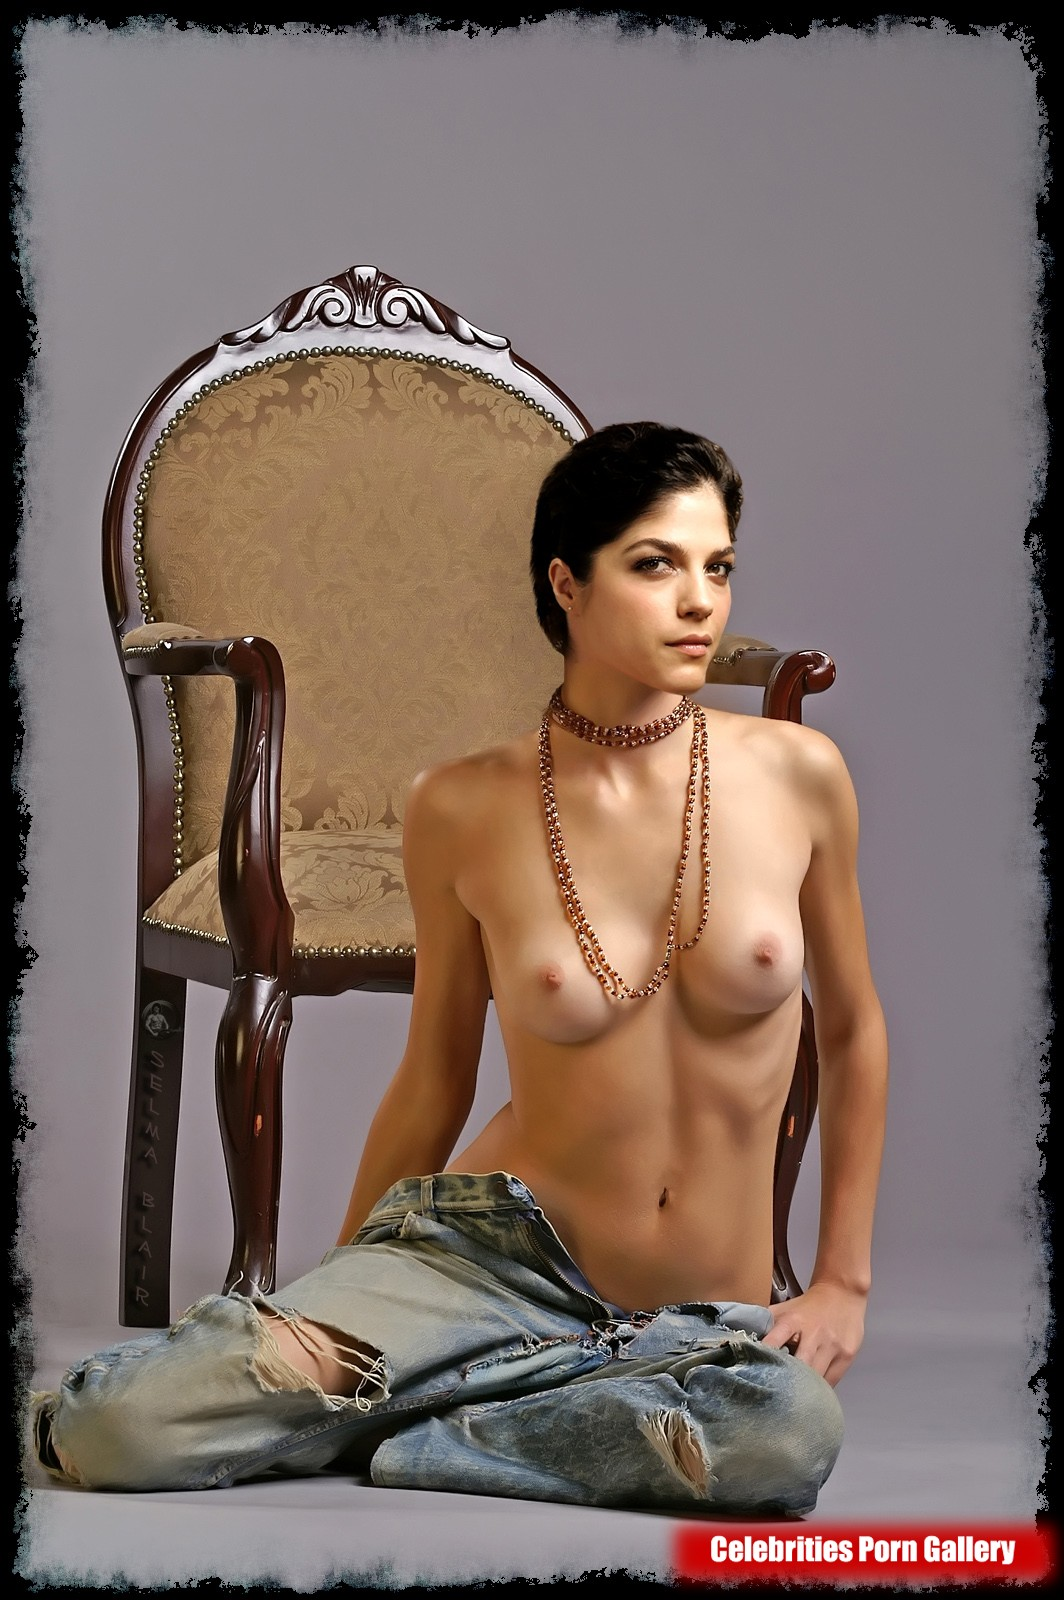 Actress selma blair nude — img 10